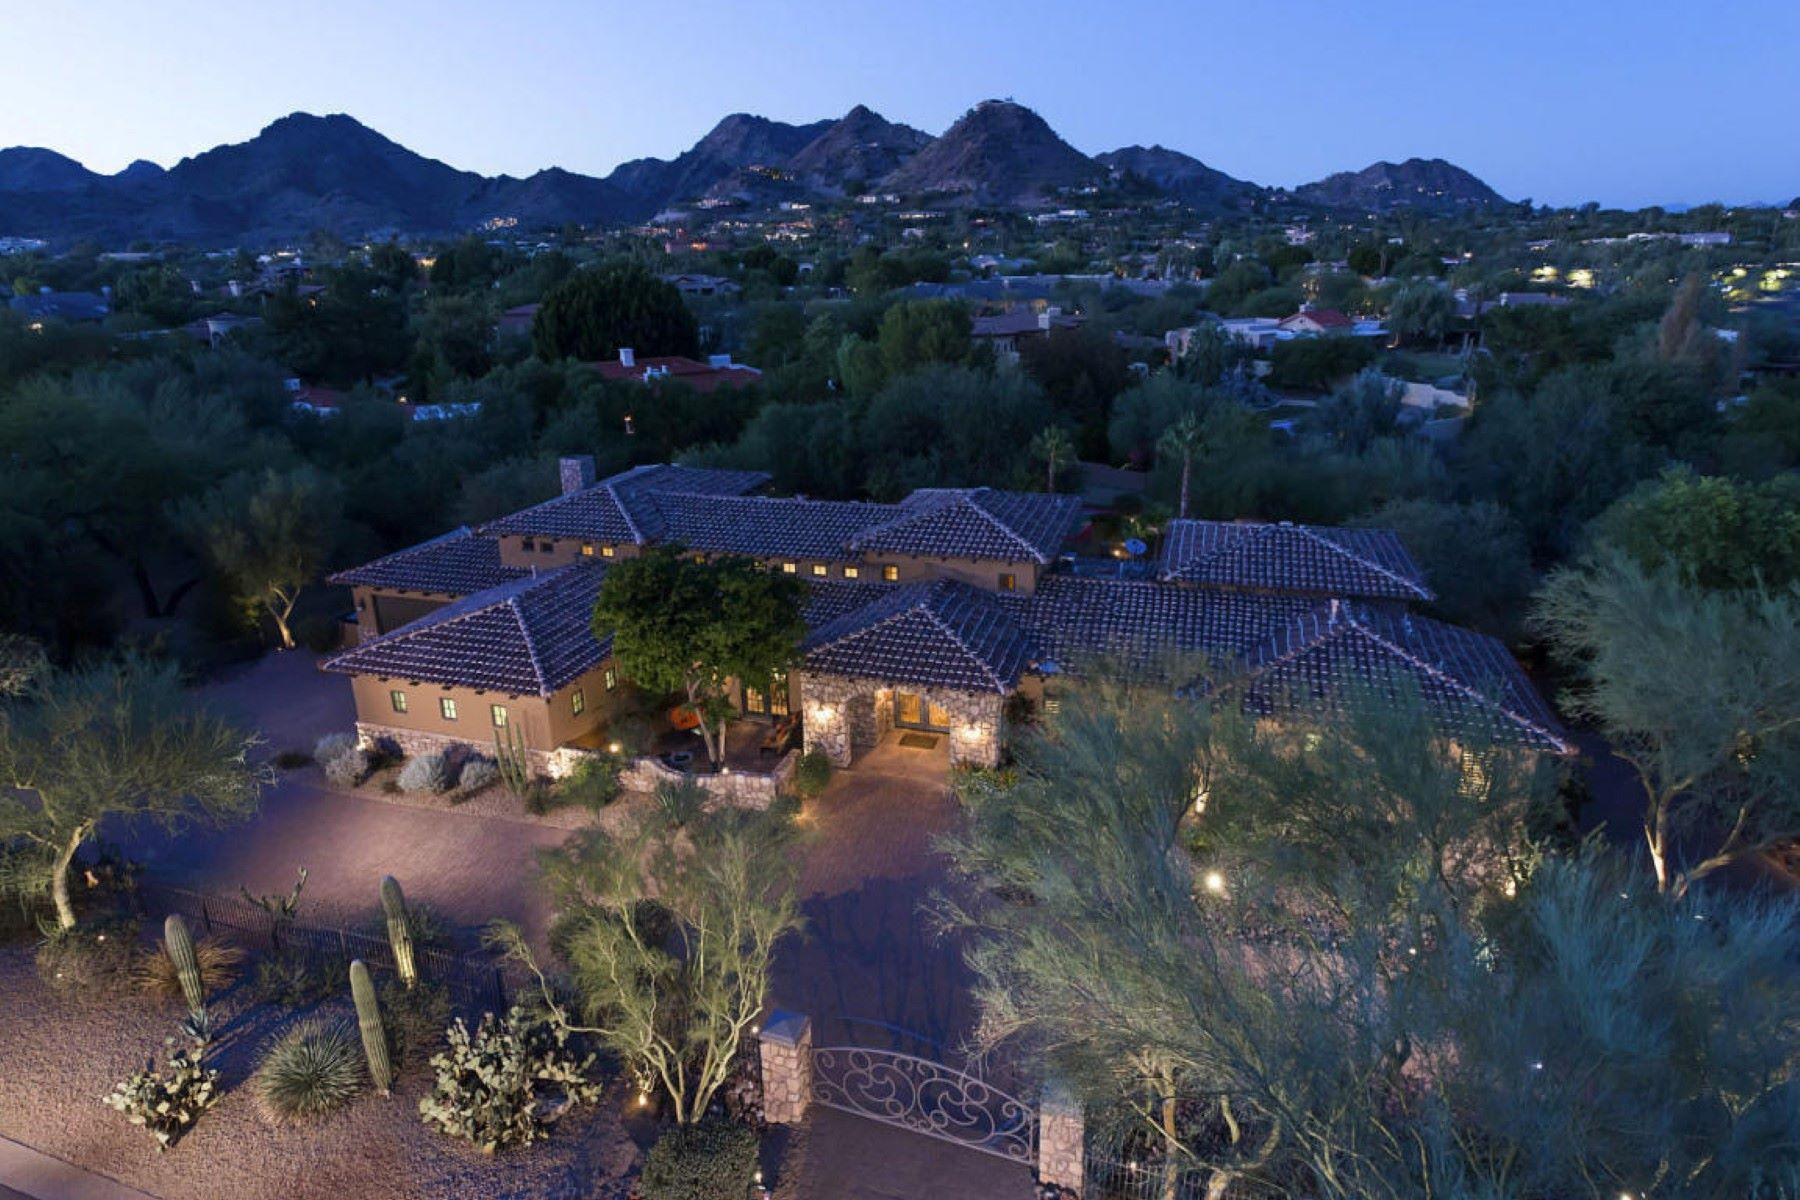 Casa Unifamiliar por un Venta en Beautiful estate nestled in the heart of Paradise Valley 4320 E Rose Ln Paradise Valley, Arizona, 85253 Estados Unidos